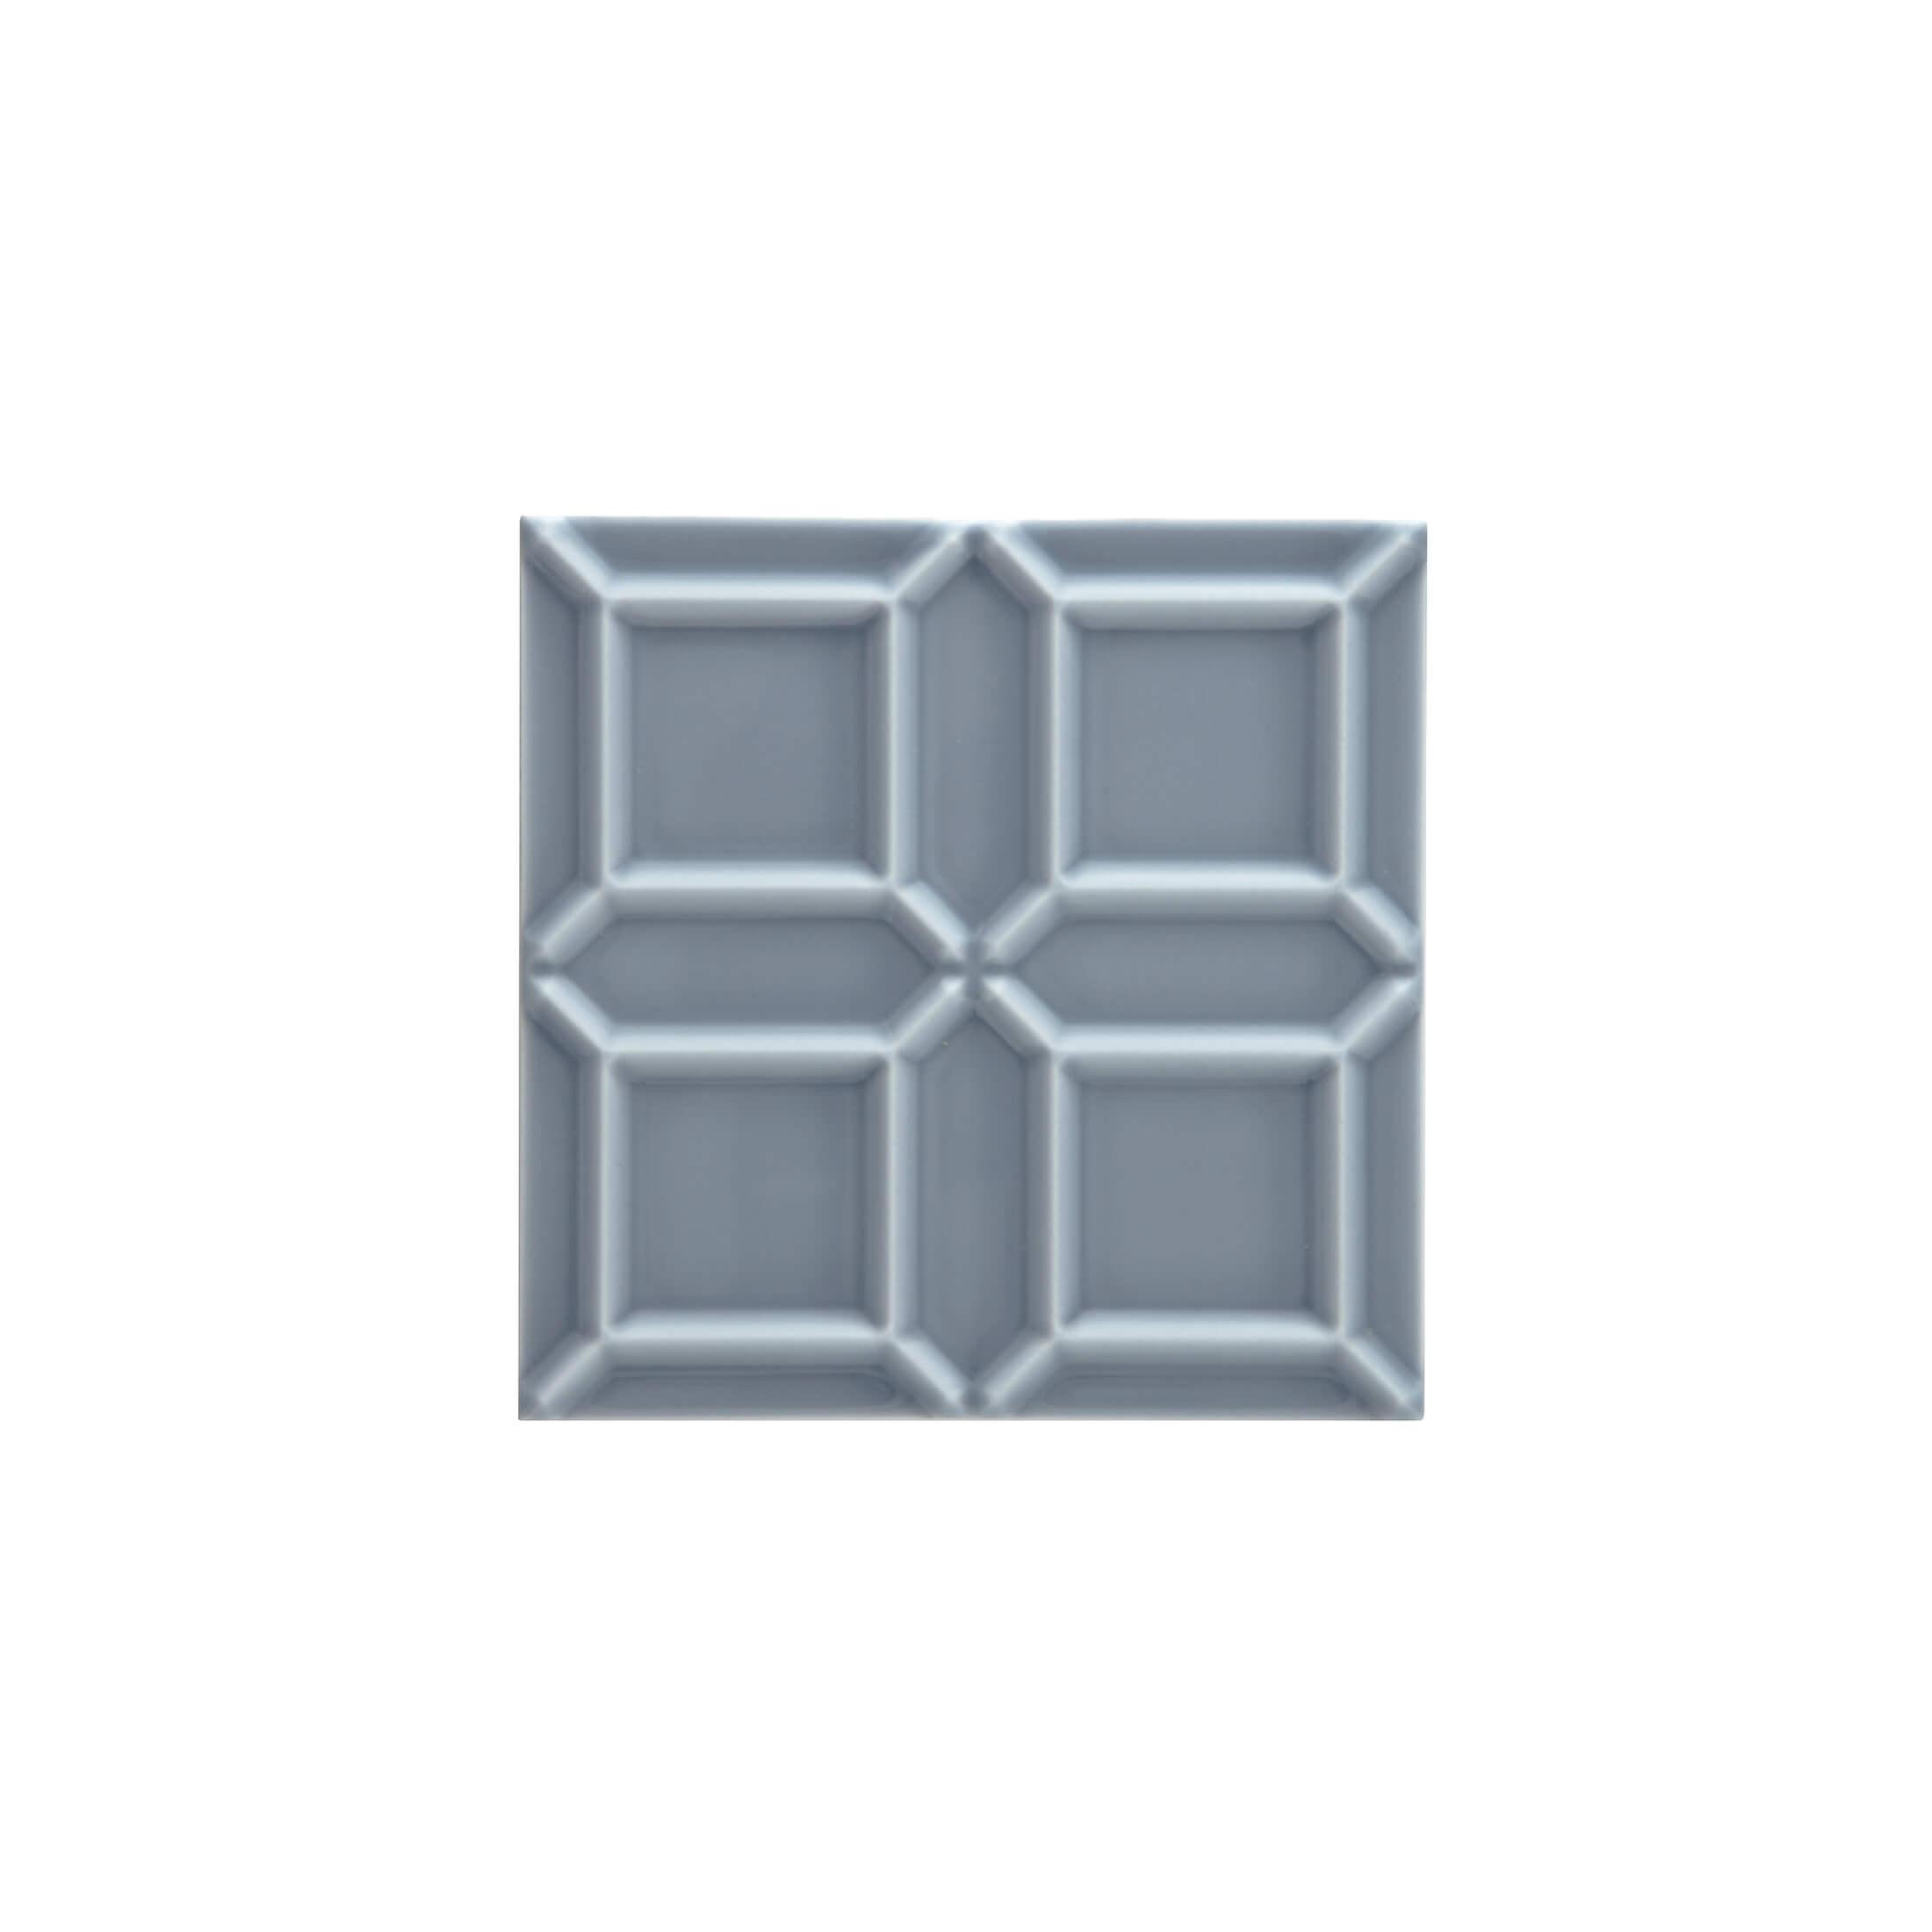 ADEX-ADNE1113-LISO-EDGE  -15 cm-15 cm-NERI>STORM BLIUE